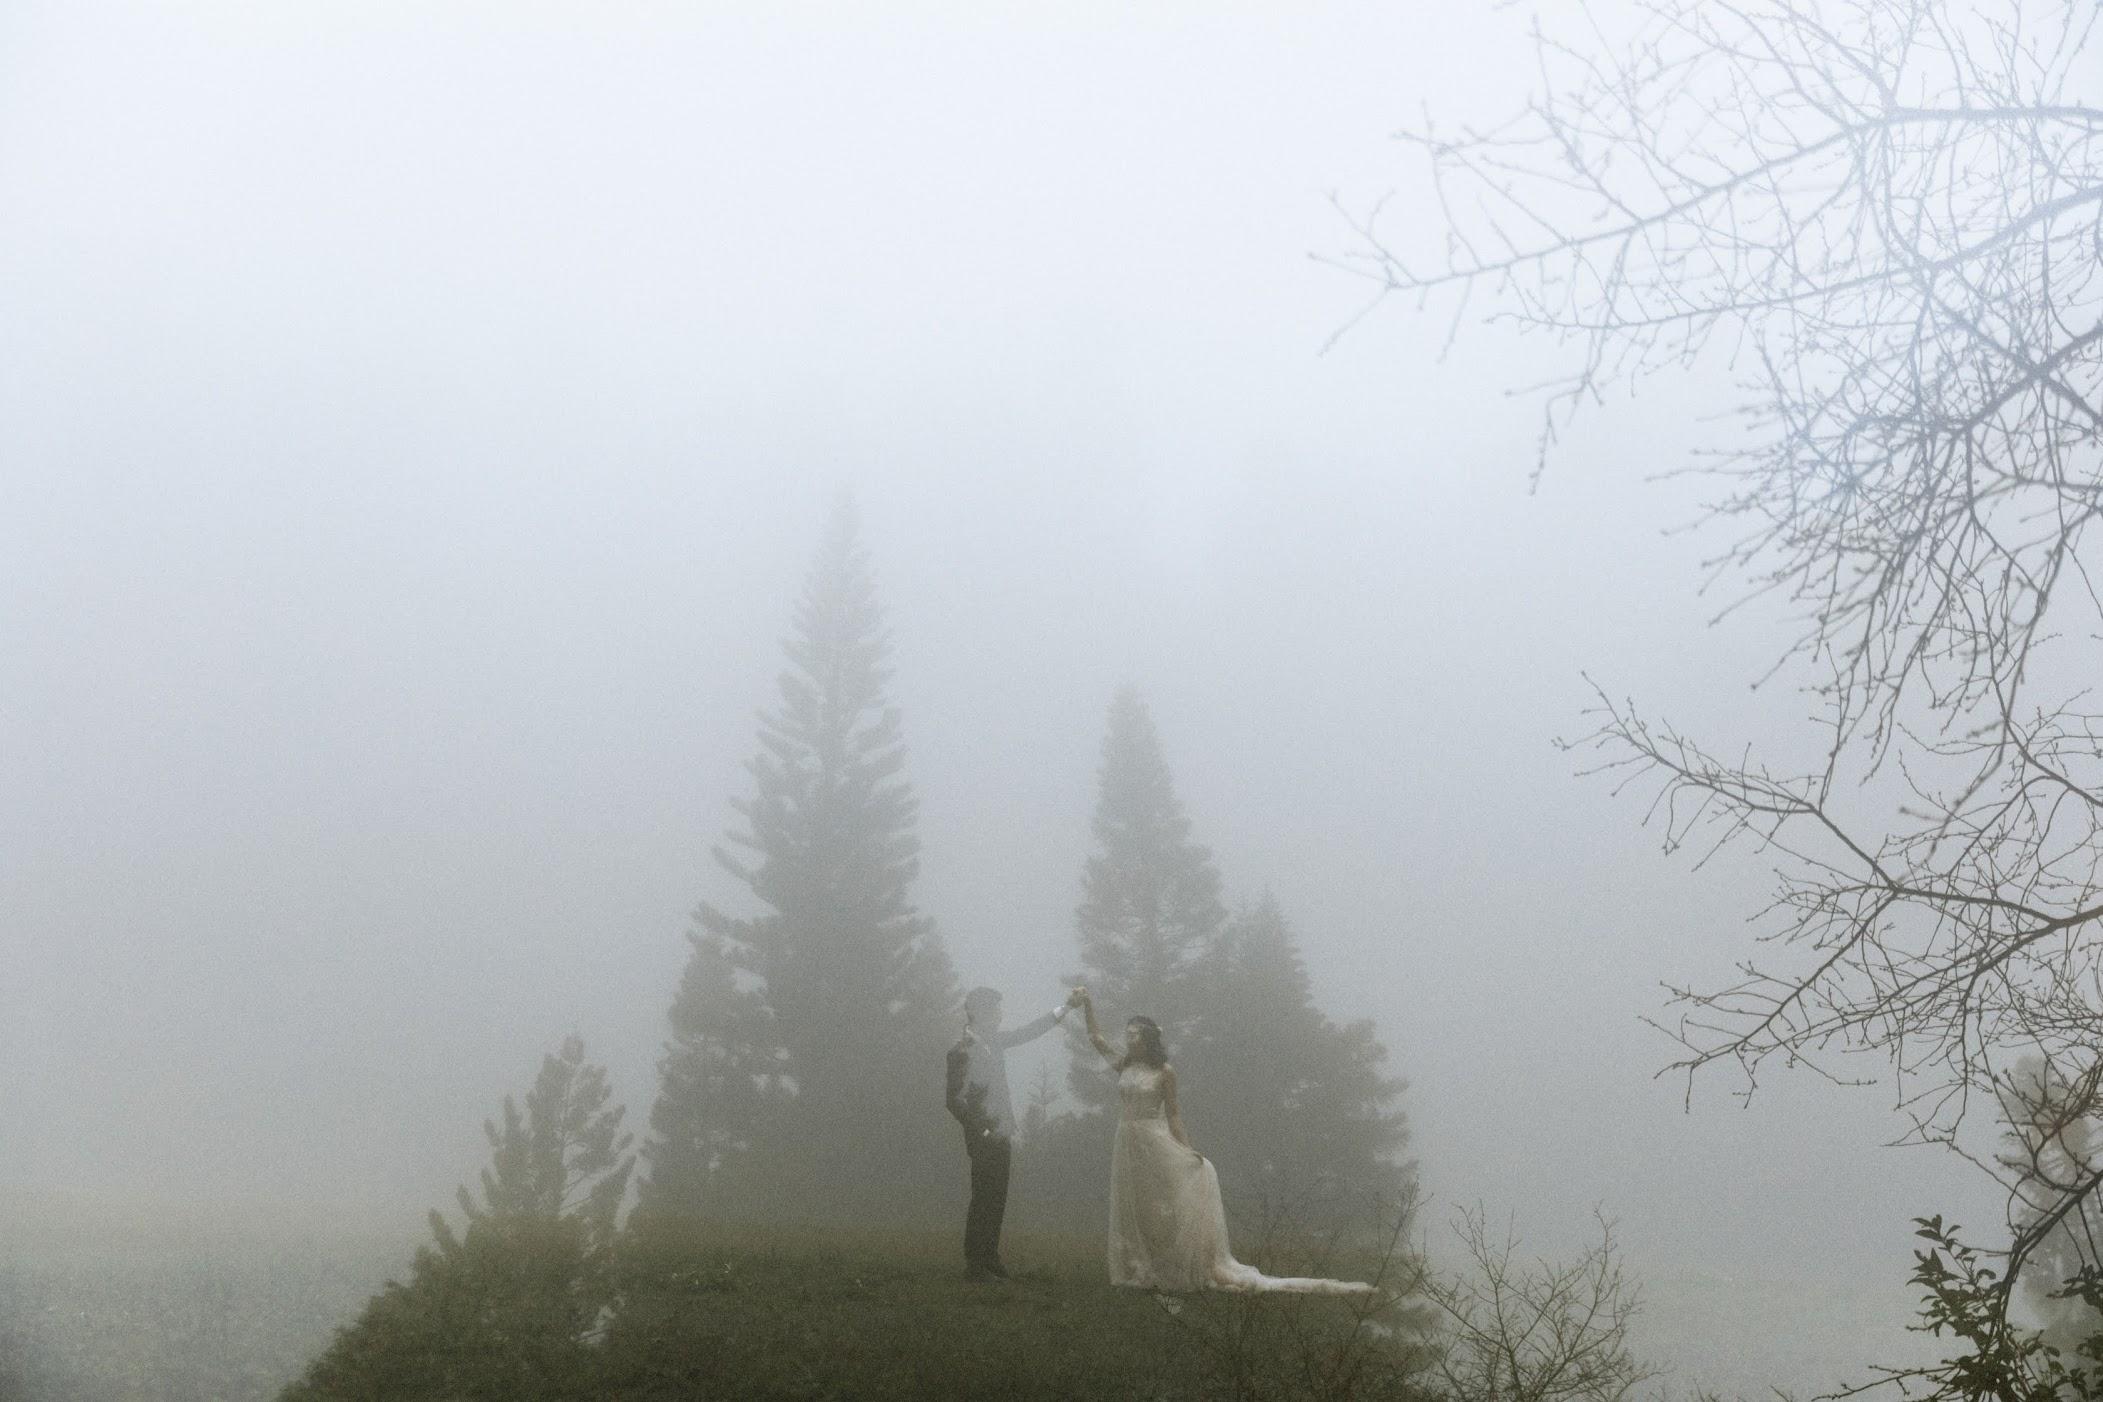 自助婚紗攻略 婚紗攝影師、場地、注意事項一次看懂